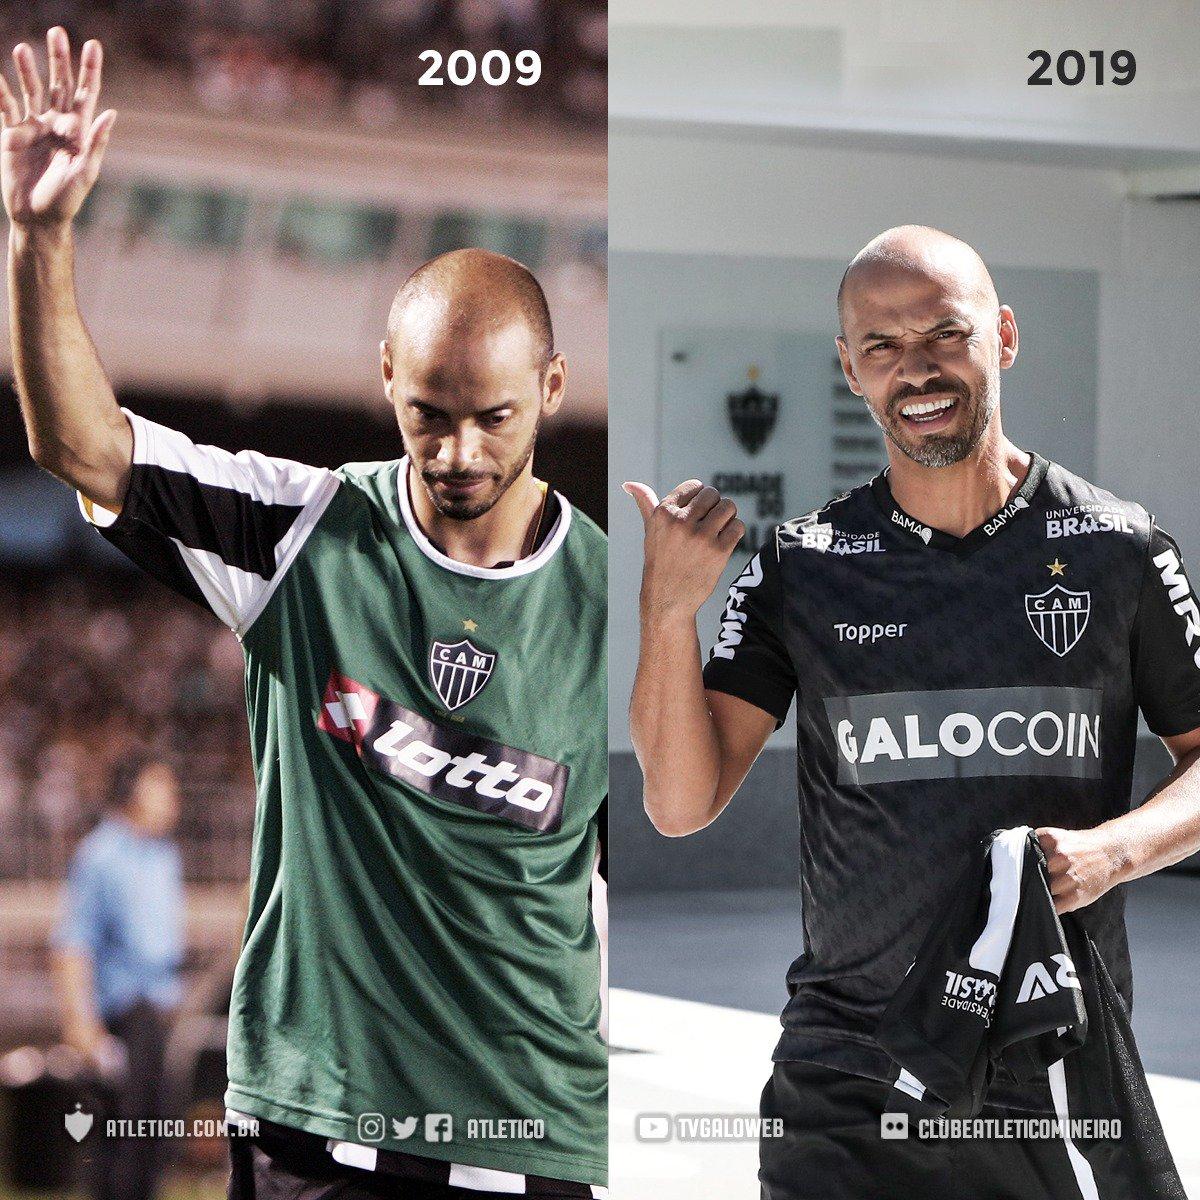 2009 🔙 Olê, Marques! ➡ 2019  #10YearChallenge #DesafioDos10Anos  #Galo 🏴🏳